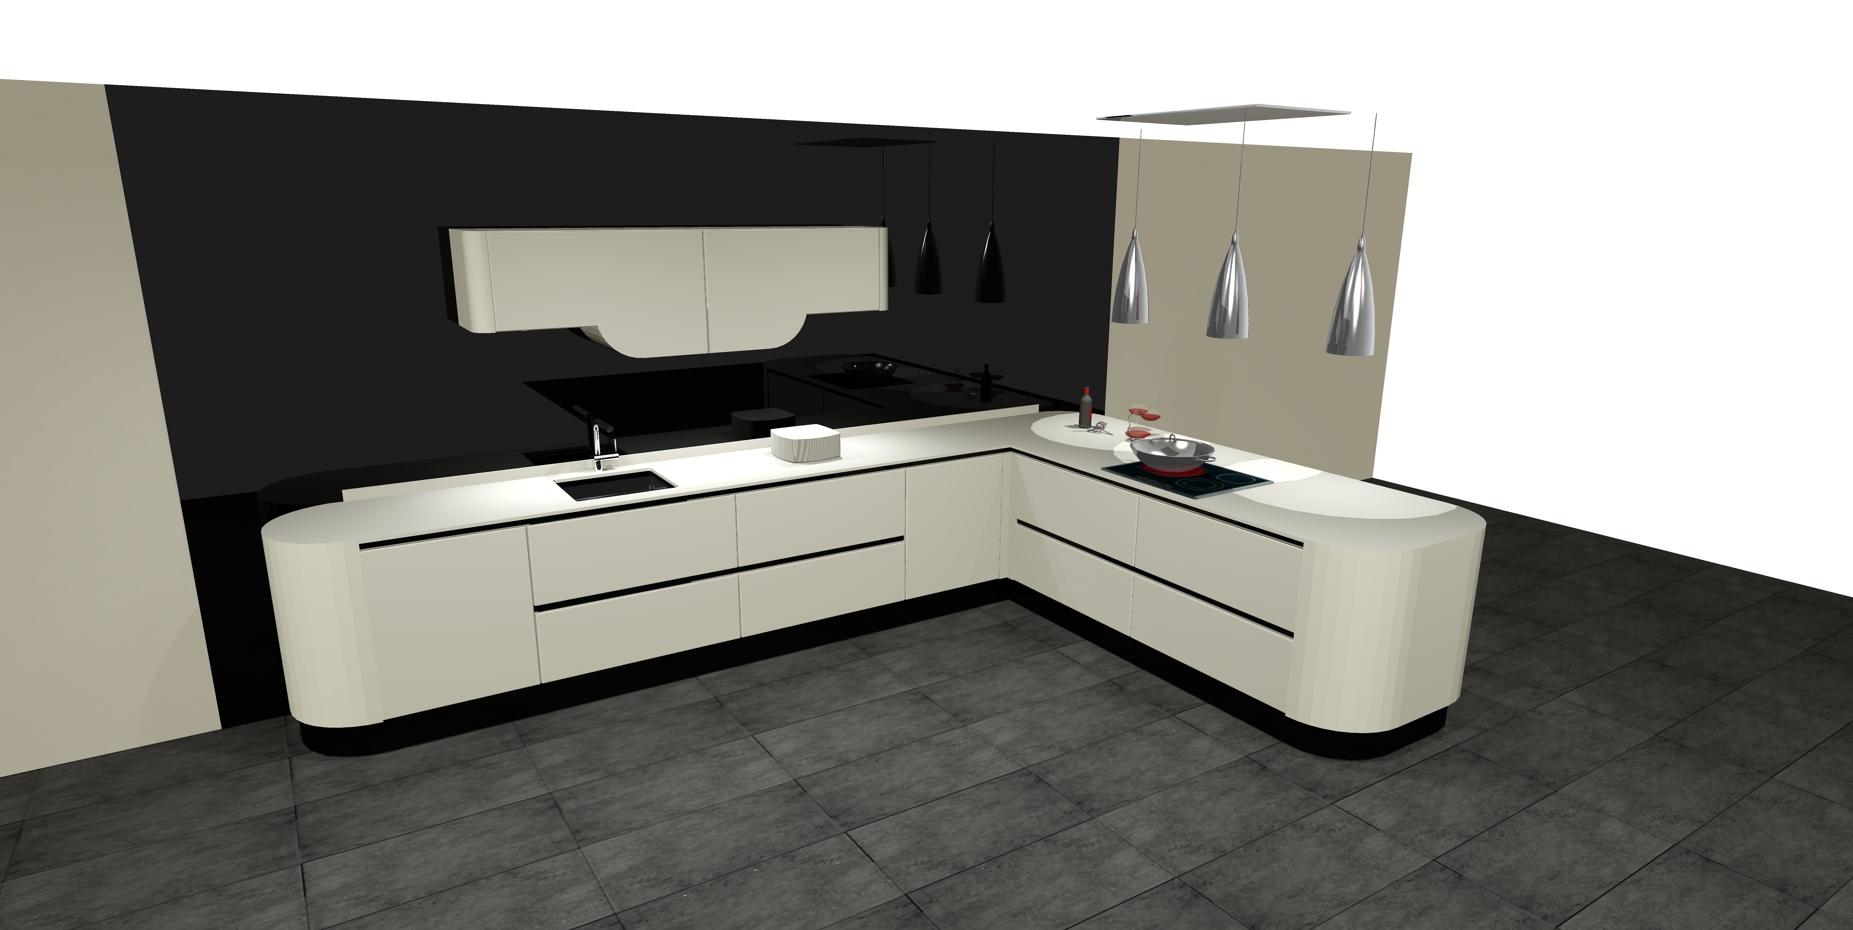 Dise os de cocinas con pen nsula cocinas artnova sevilla - Cocinas sevilla ...